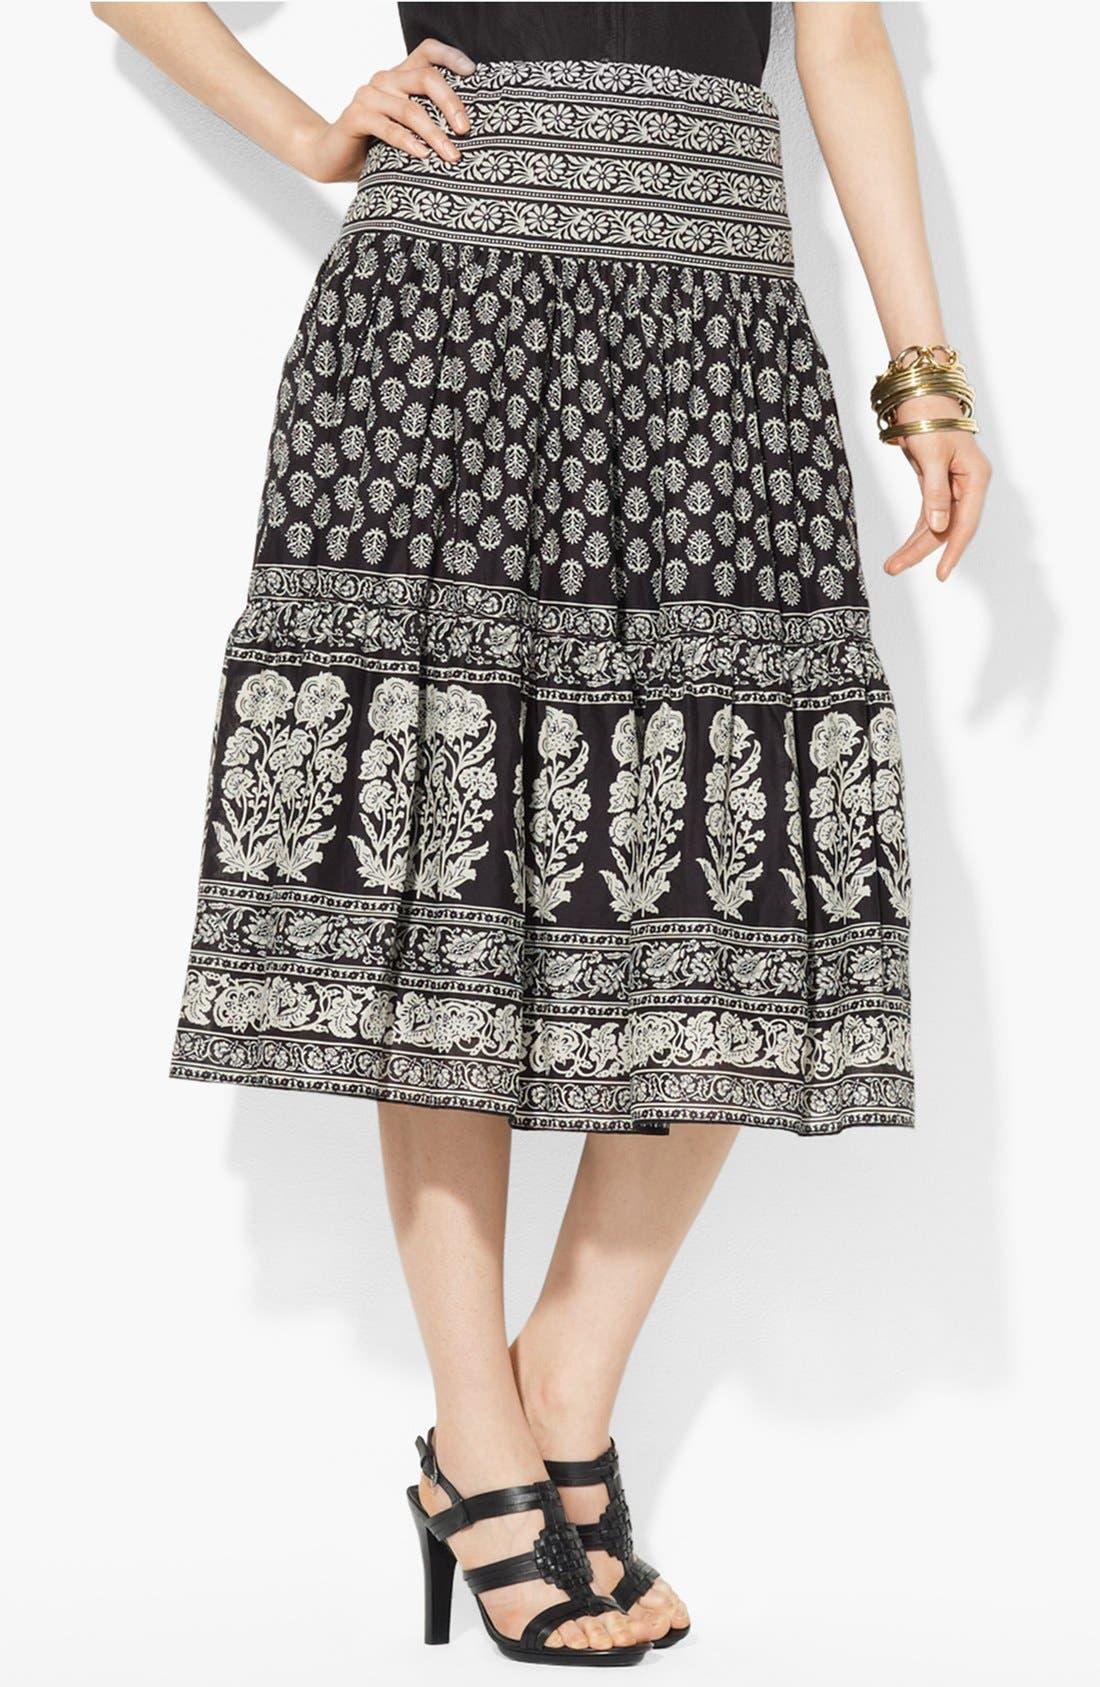 Alternate Image 1 Selected - Lauren Ralph Lauren Tiered Cotton Skirt